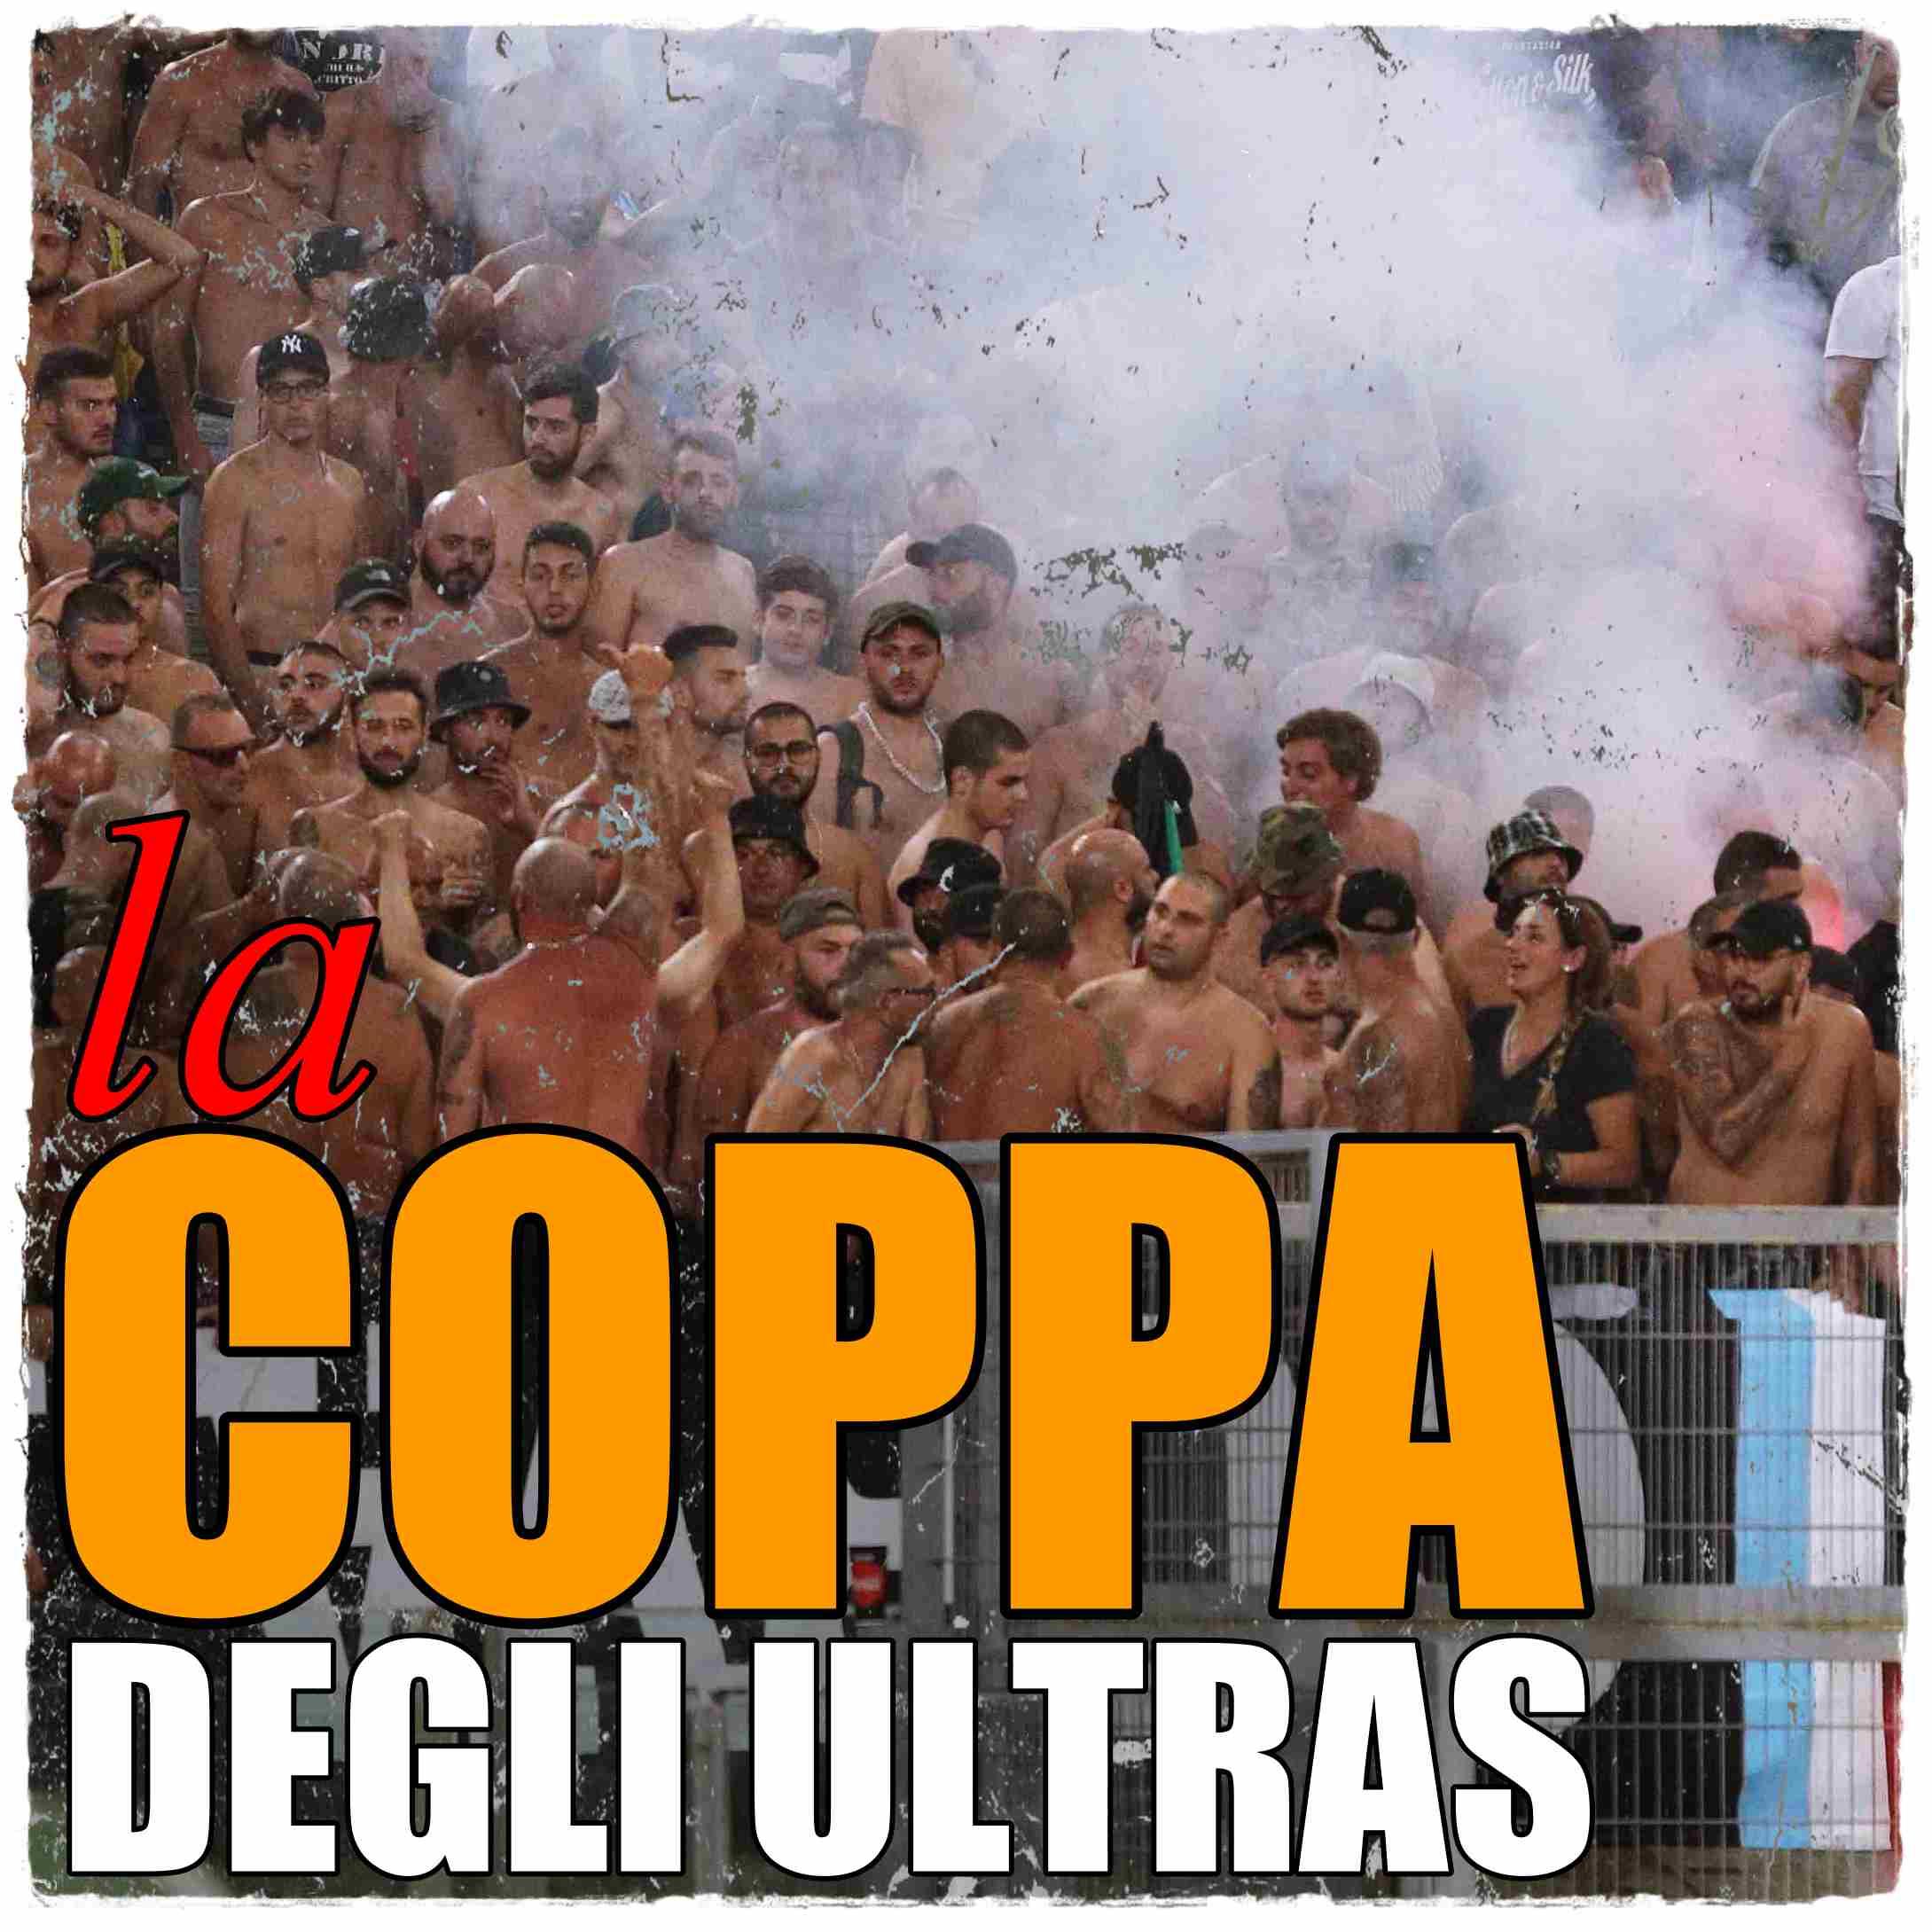 Coppa Italia razzismo